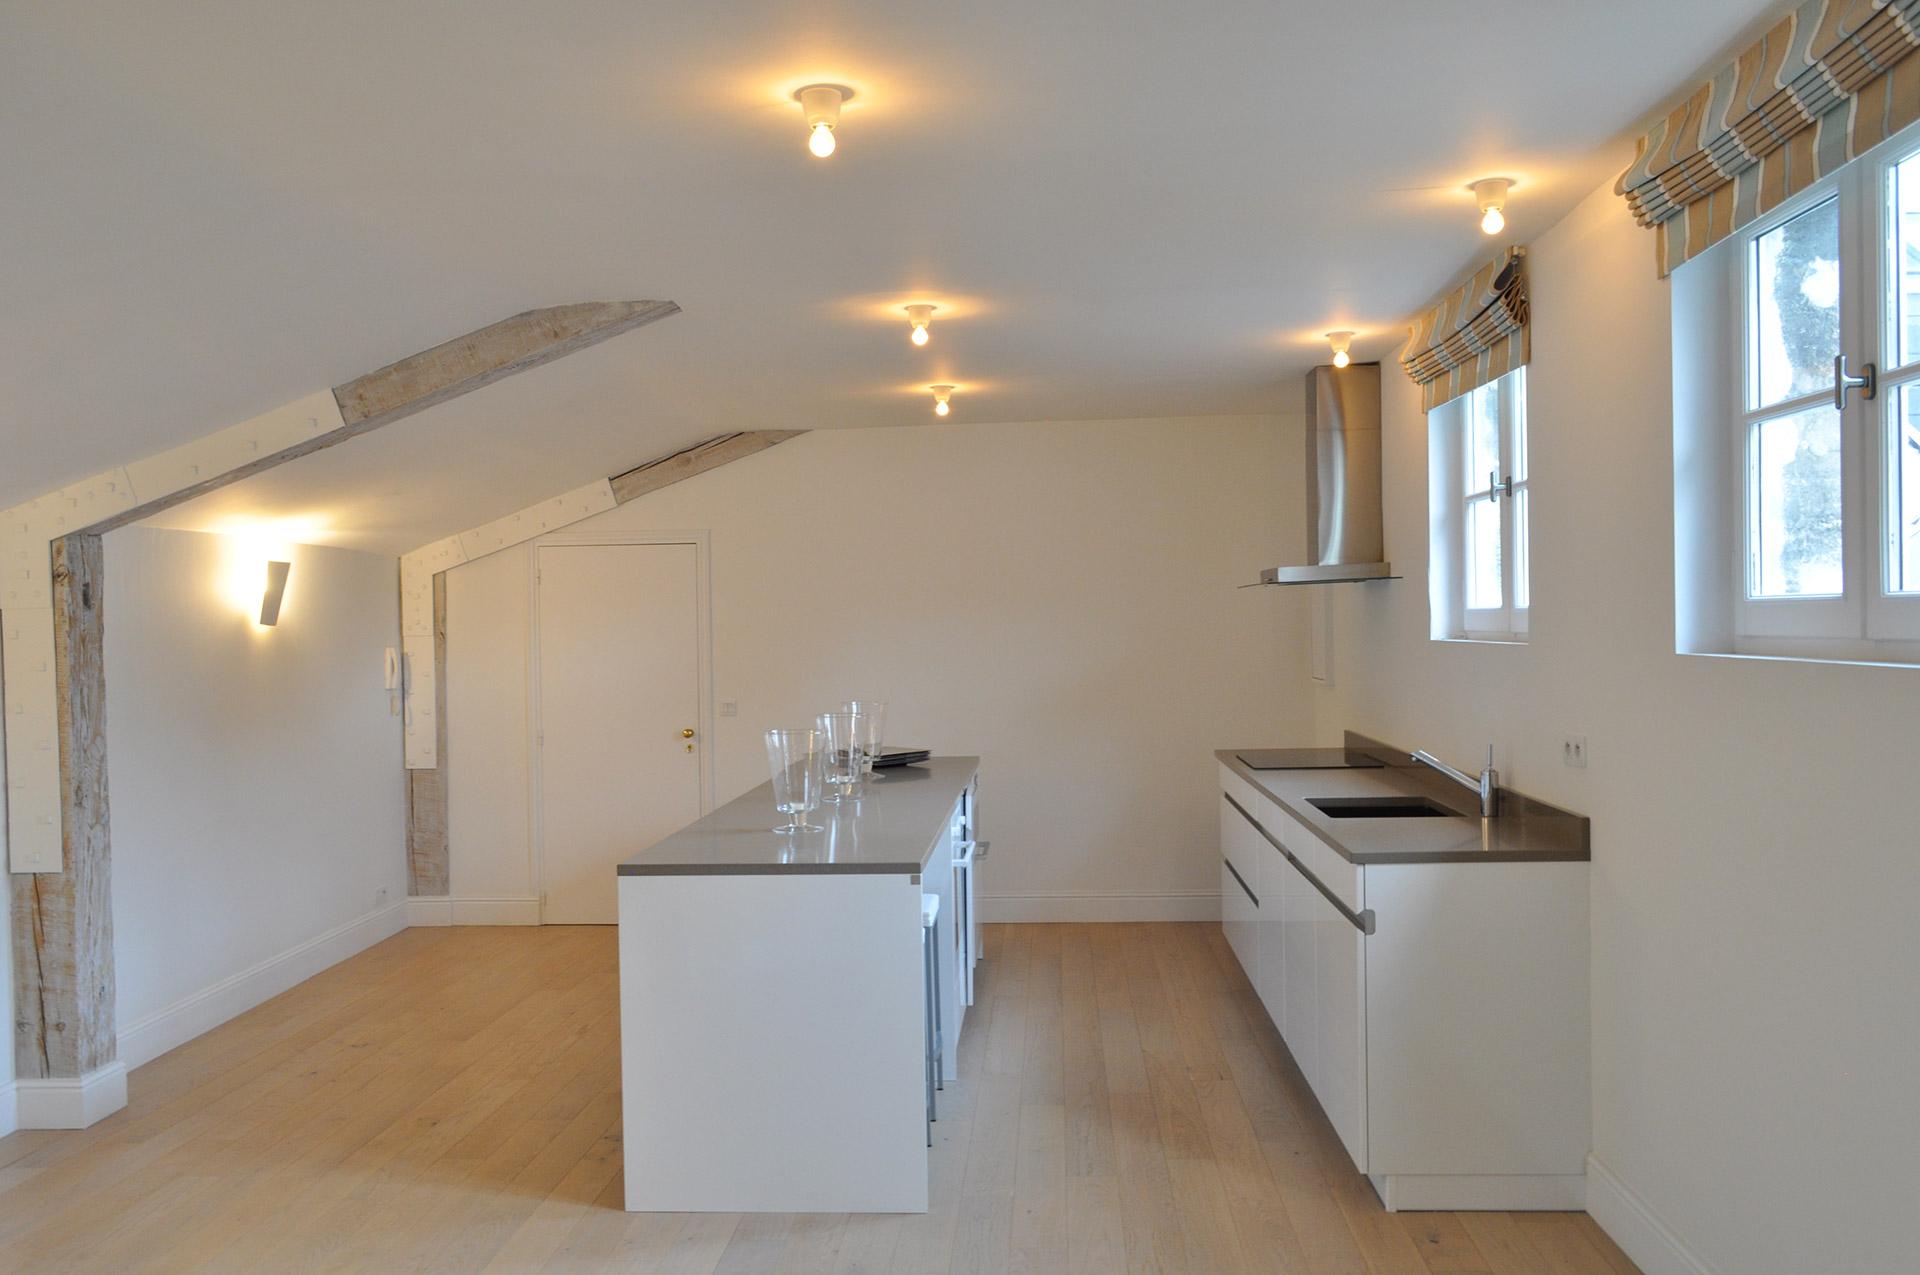 un appartement sous les toits eponyme architecture. Black Bedroom Furniture Sets. Home Design Ideas